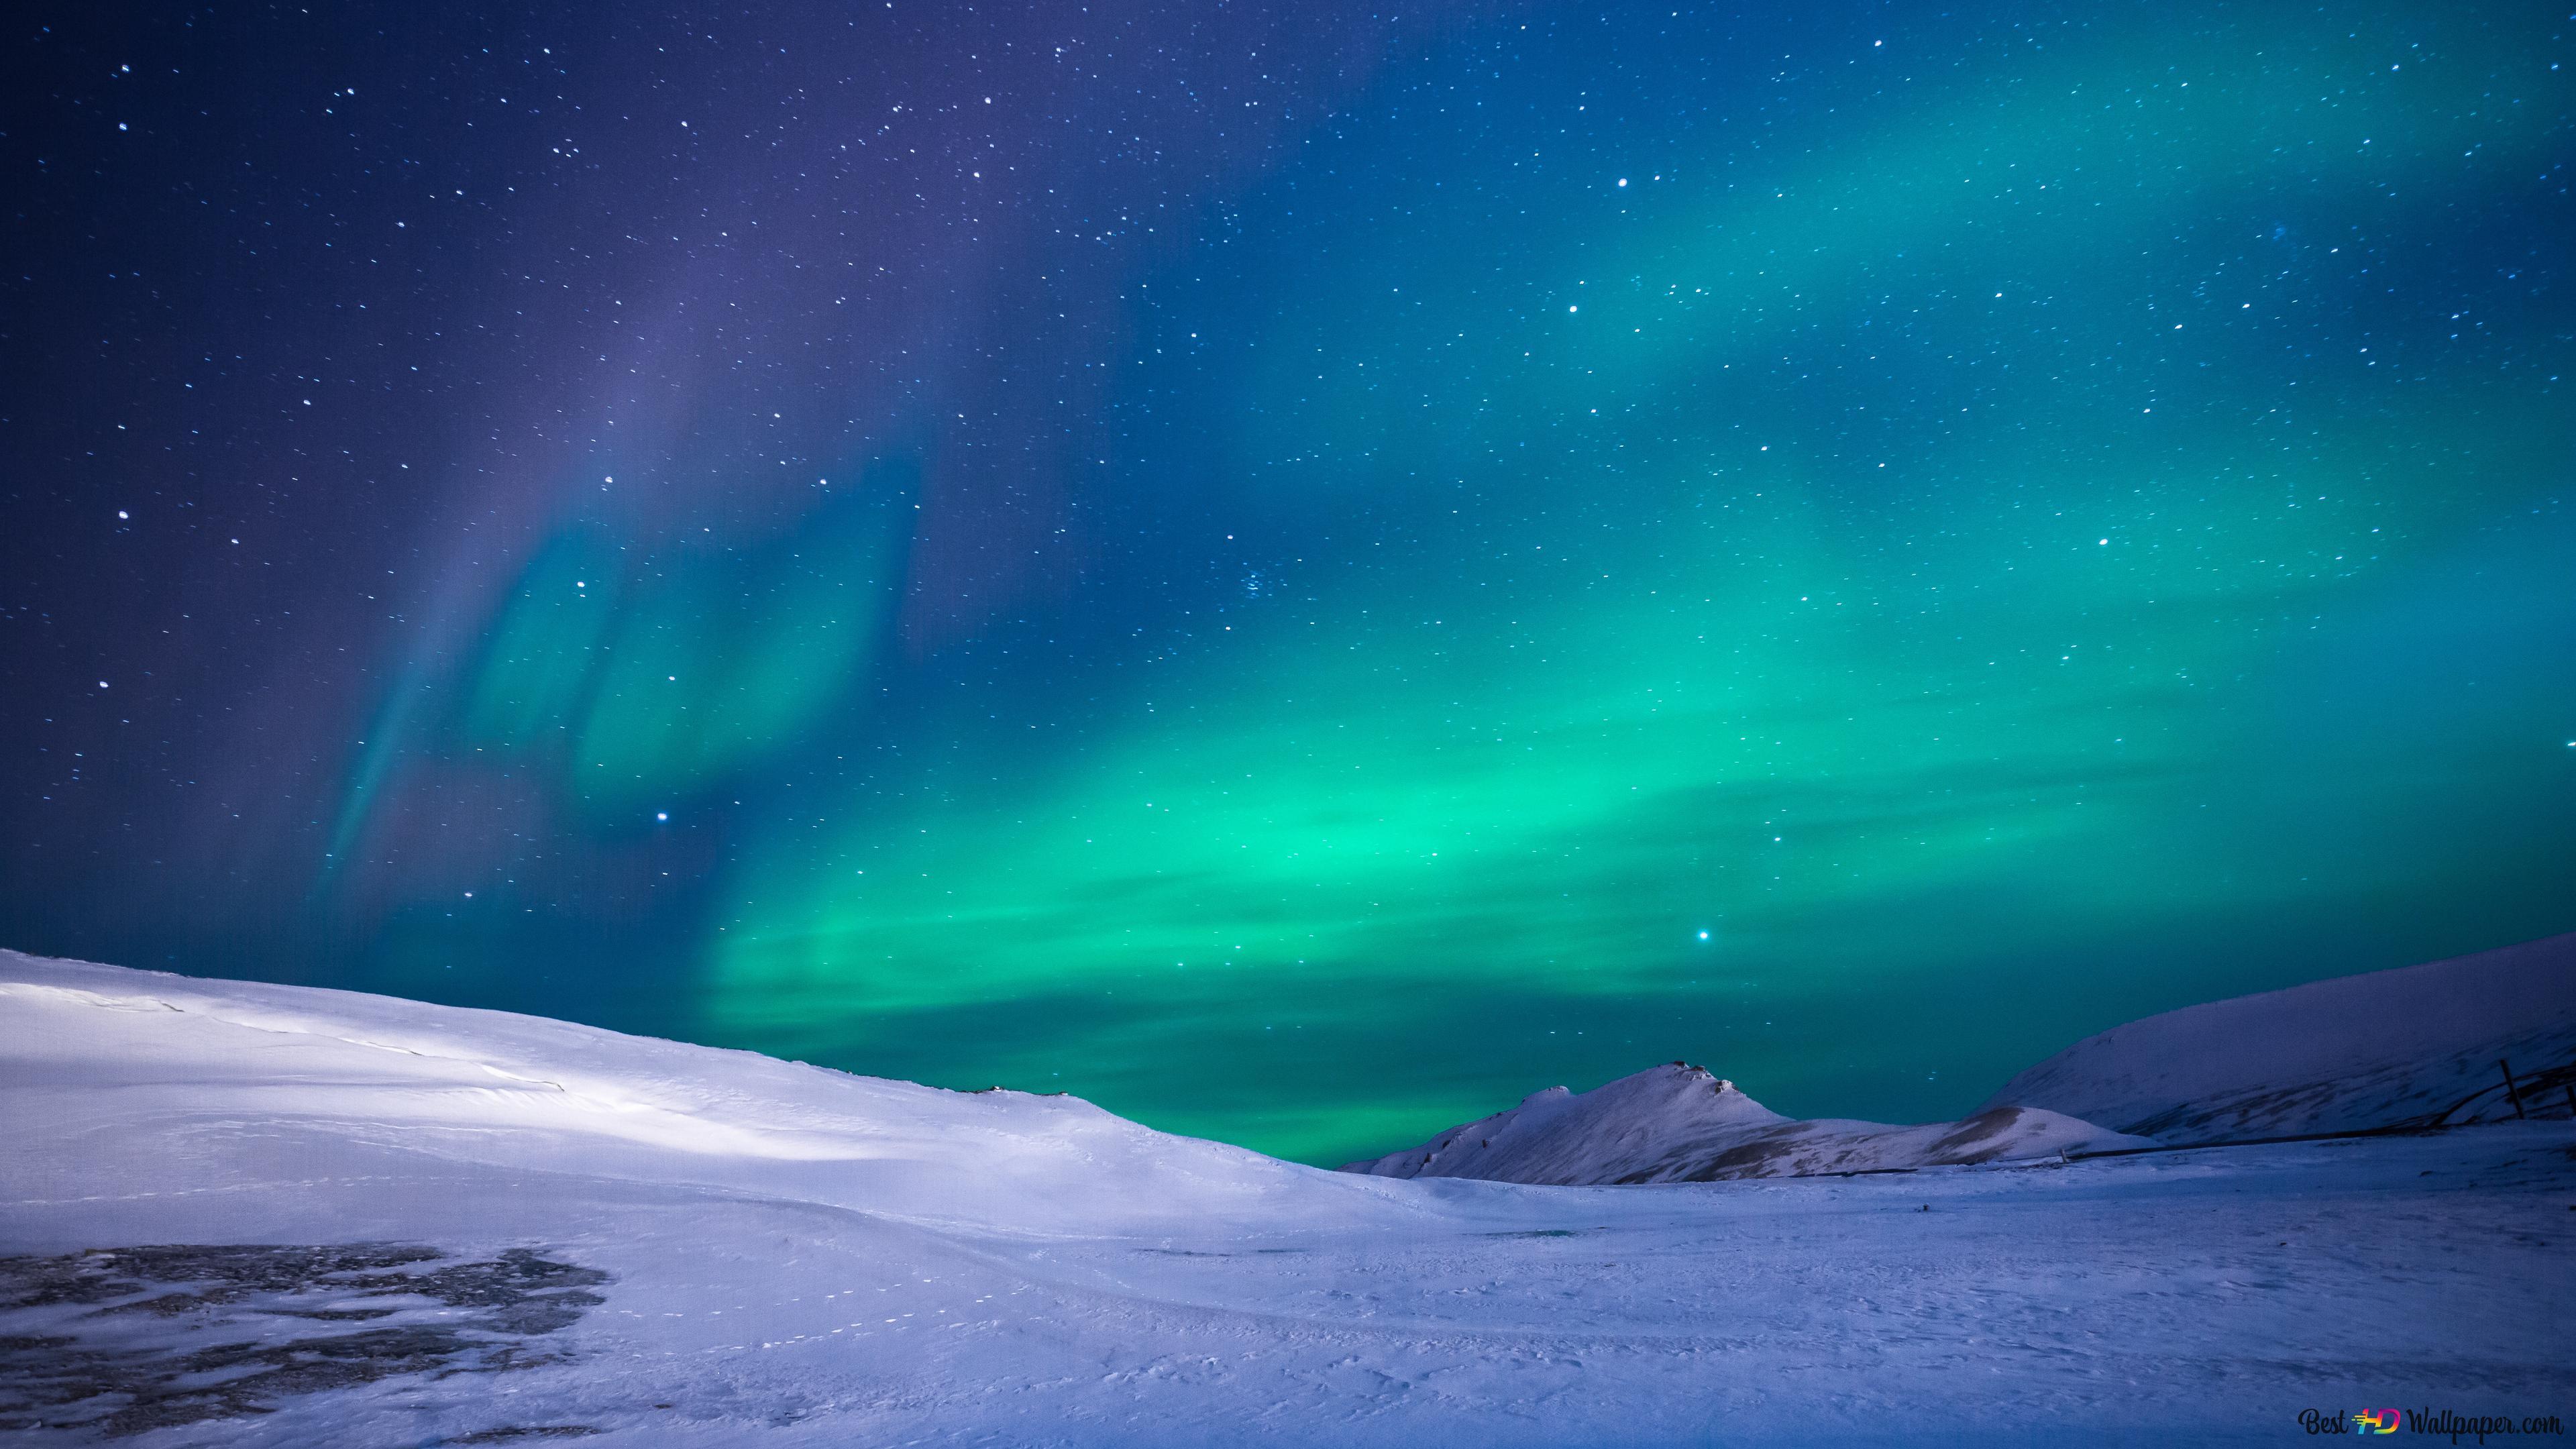 Northern Lights Vert Aurore Boréale Hd Fond Décran Télécharger